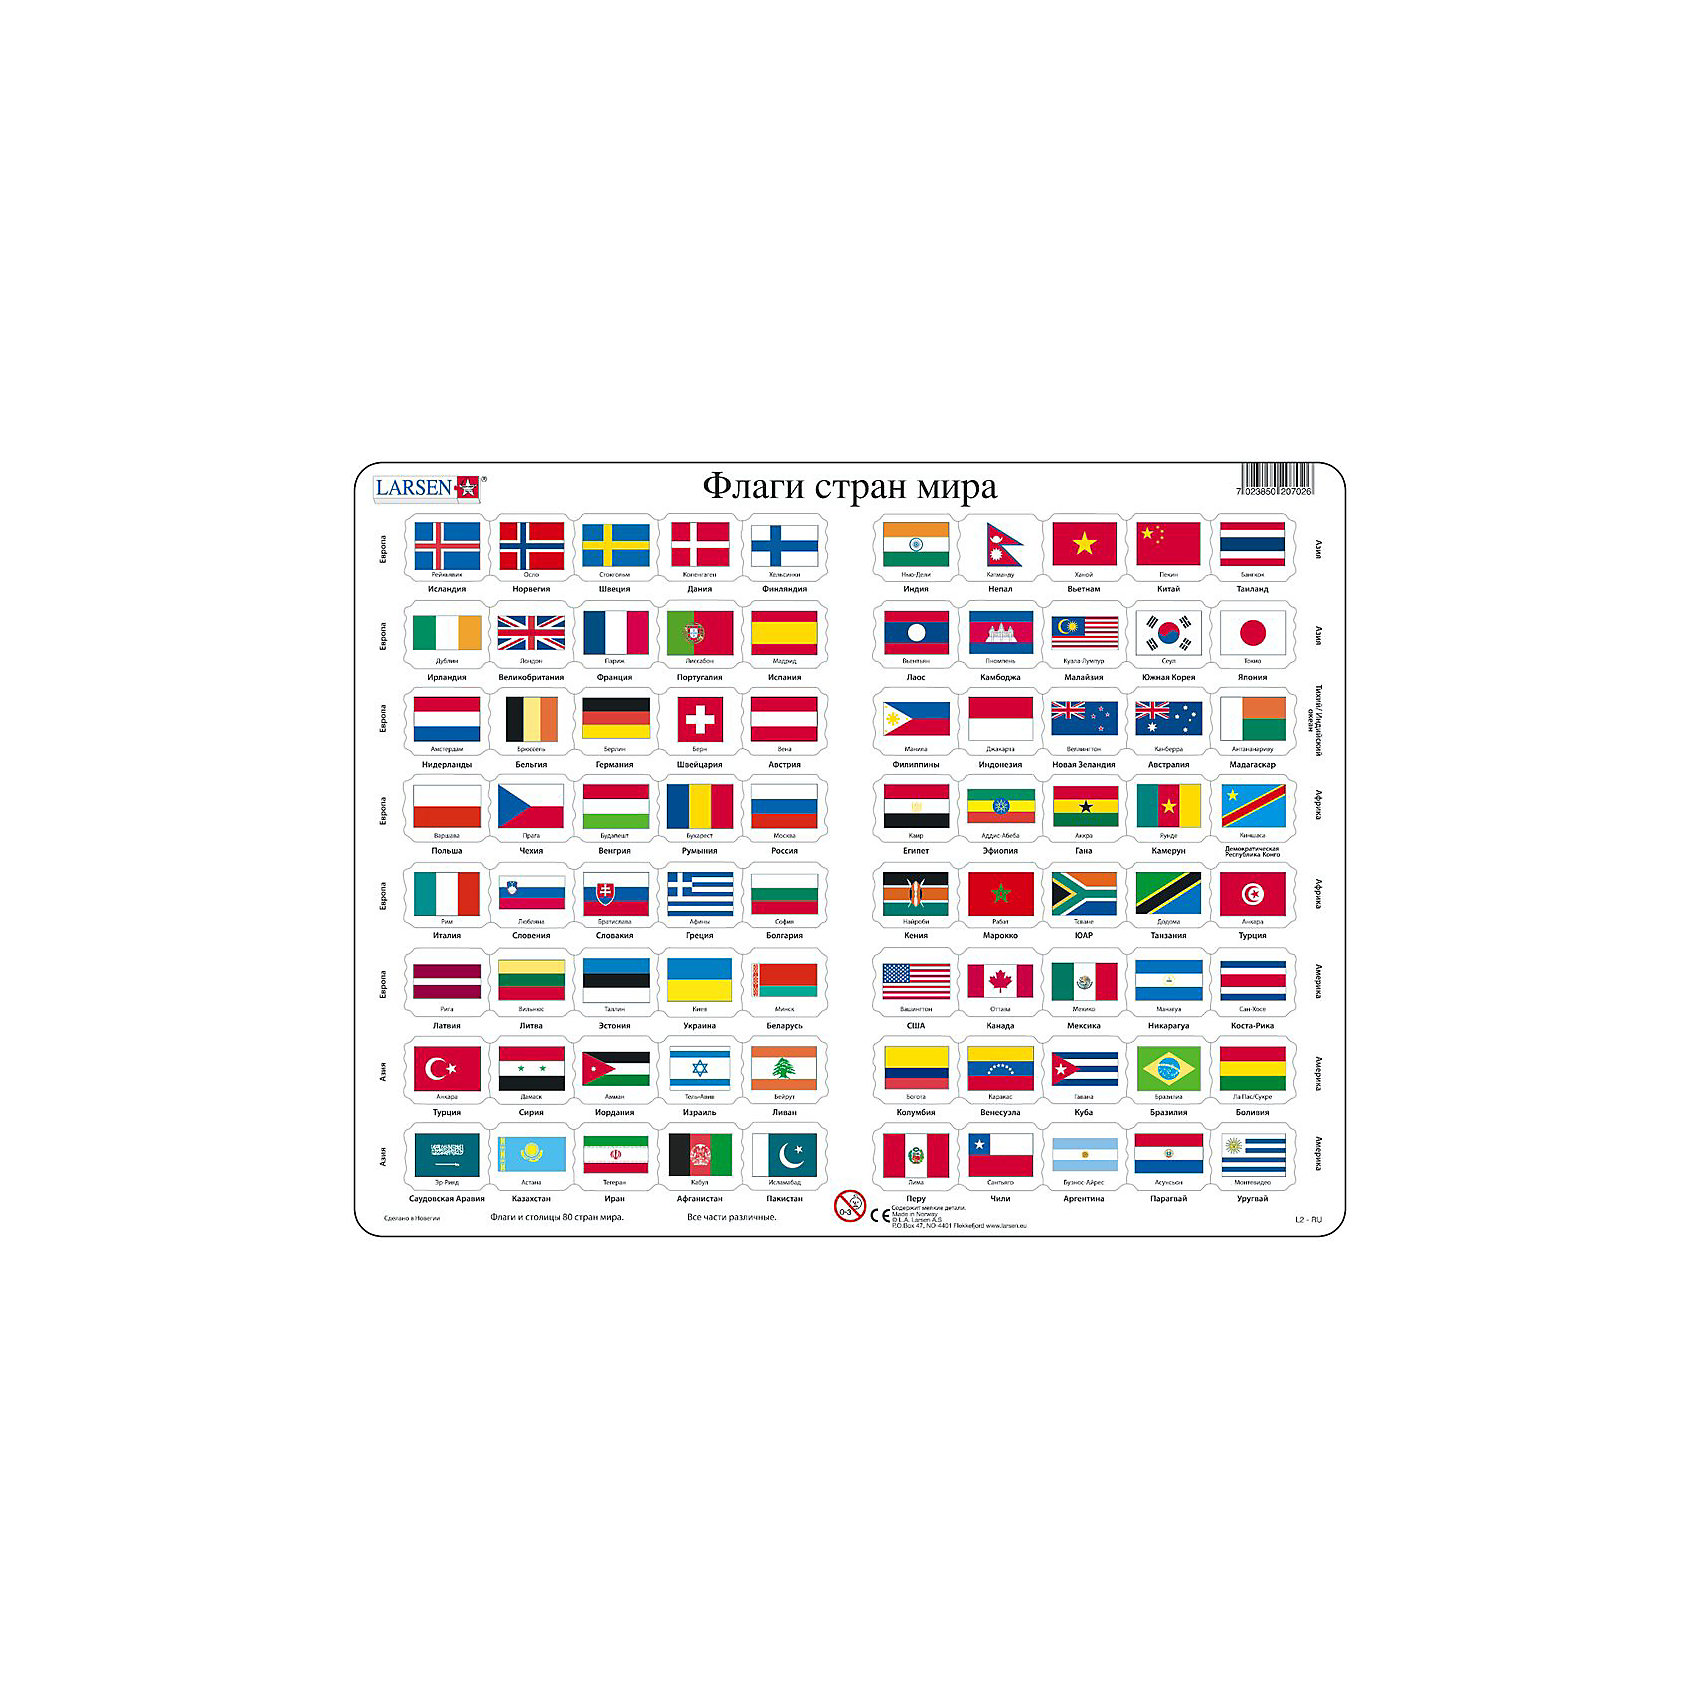 Пазл Флаги,  Larsen, 80 деталейКлассические пазлы<br>Пазл «Флаги», », Larsen (Ларсен), 80 деталей – обучающий пазл, который познакомит ребенка с политической географией.<br><br>По левой и правой стороне пазла нанесены названия континентов, а по горизонтали названия стран. Задача ребенка определить принадлежность флага его стране. Пазл выполнен из высококачественного трехслойного картона, снабжен специальной подложкой, благодаря которой пазл легко собирать. Различные размеры и формы элементов способствуют развитию мелкой моторики ребенка.<br><br>Дополнительная информация:<br><br>- количество деталей: 80 шт.<br>- размер: 36,5х28,5 см<br>- вес: 300 г<br>- материал: плотный картон<br><br>Пазл «Флаги», Larsen (Ларсен), 80 деталей - прекрасный выбор заботливых родителей, с которым ребенок проведет время интересно и с пользой.<br><br>Пазл «Флаги», Larsen (Ларсен), 80 деталей можно купить в нашем магазине.<br><br>Ширина мм: 360<br>Глубина мм: 360<br>Высота мм: 280<br>Вес г: 100<br>Возраст от месяцев: 72<br>Возраст до месяцев: 120<br>Пол: Унисекс<br>Возраст: Детский<br>Количество деталей: 80<br>SKU: 3610572